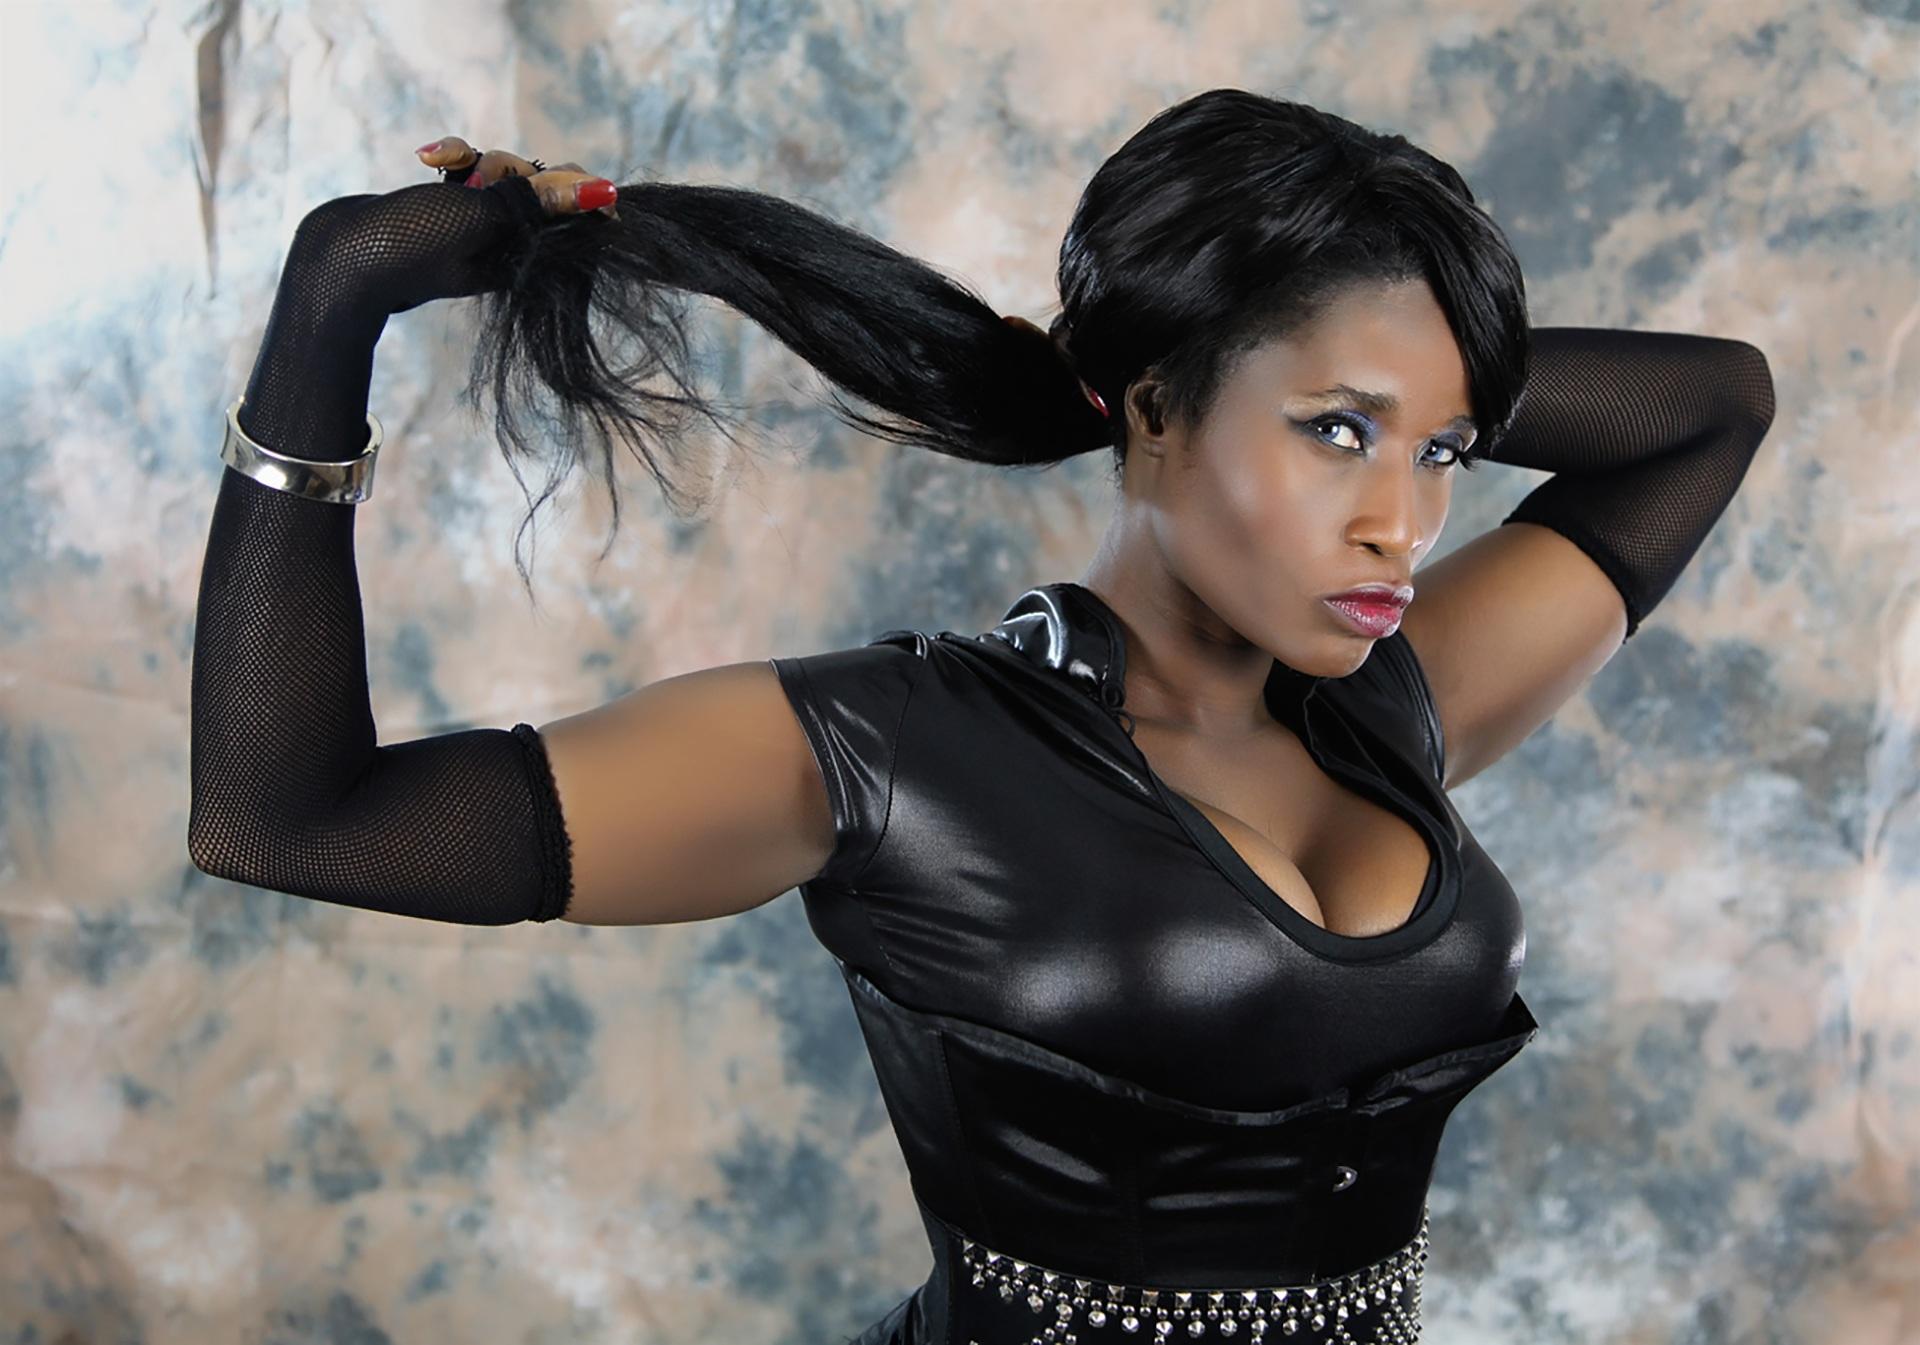 black dominatrix.jpg